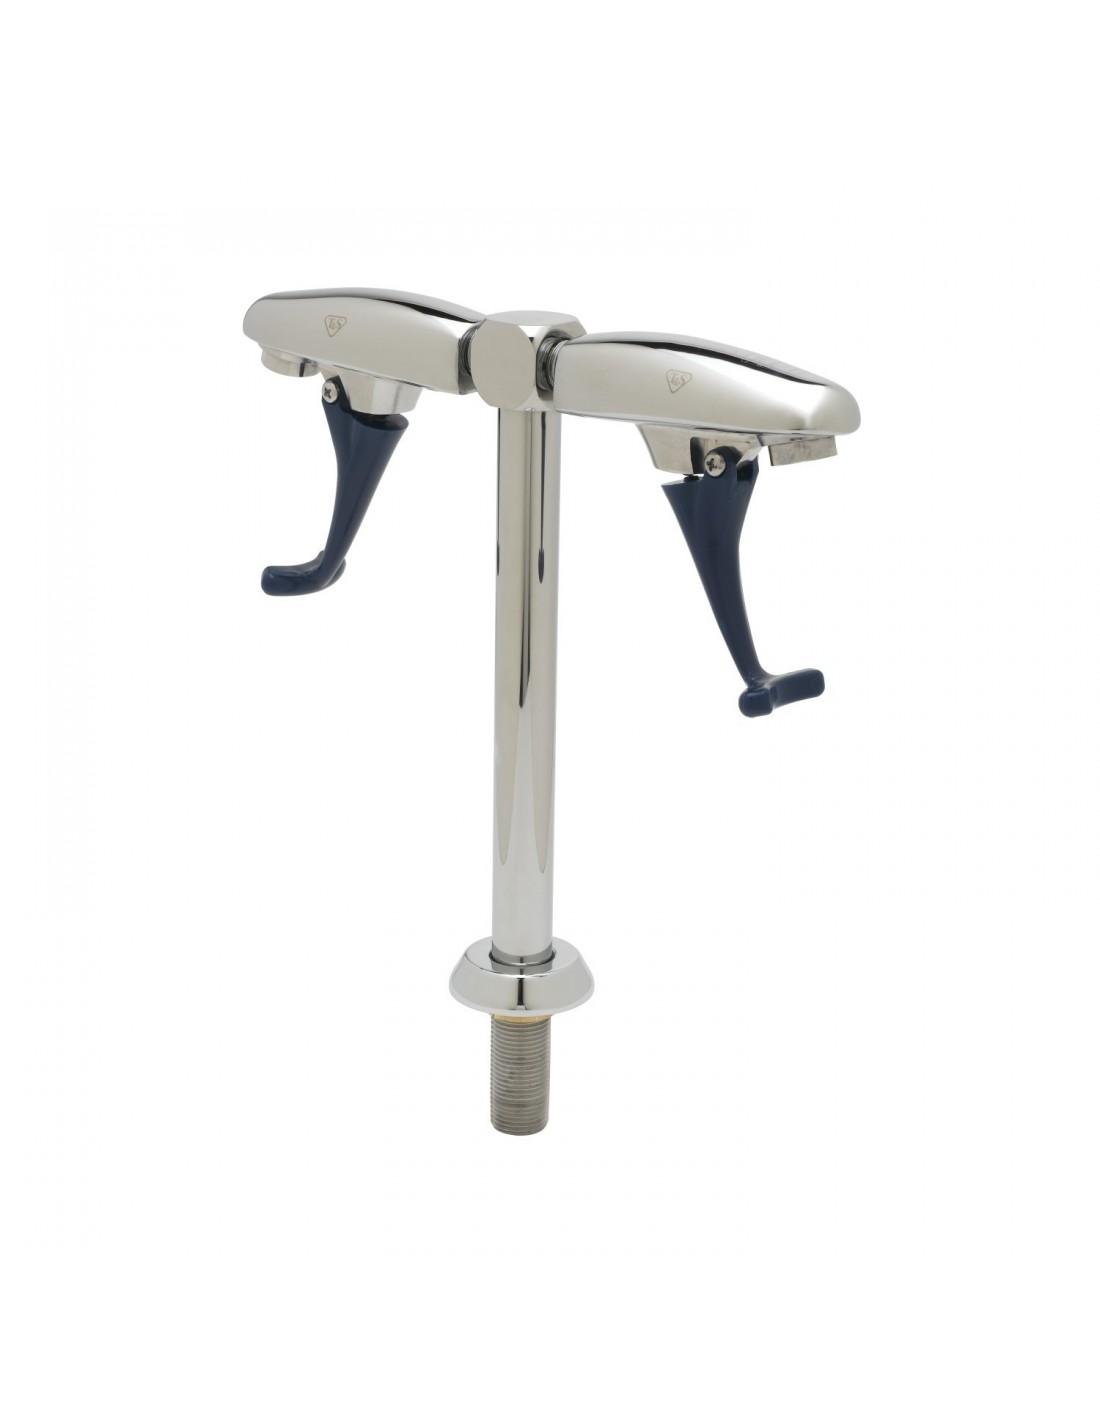 UPP00159 - Tapptorn komplett - Vattensifon / glasfyllare (20 cm serveringshöjd) med två tapphuvuden för vatten med tryckarm